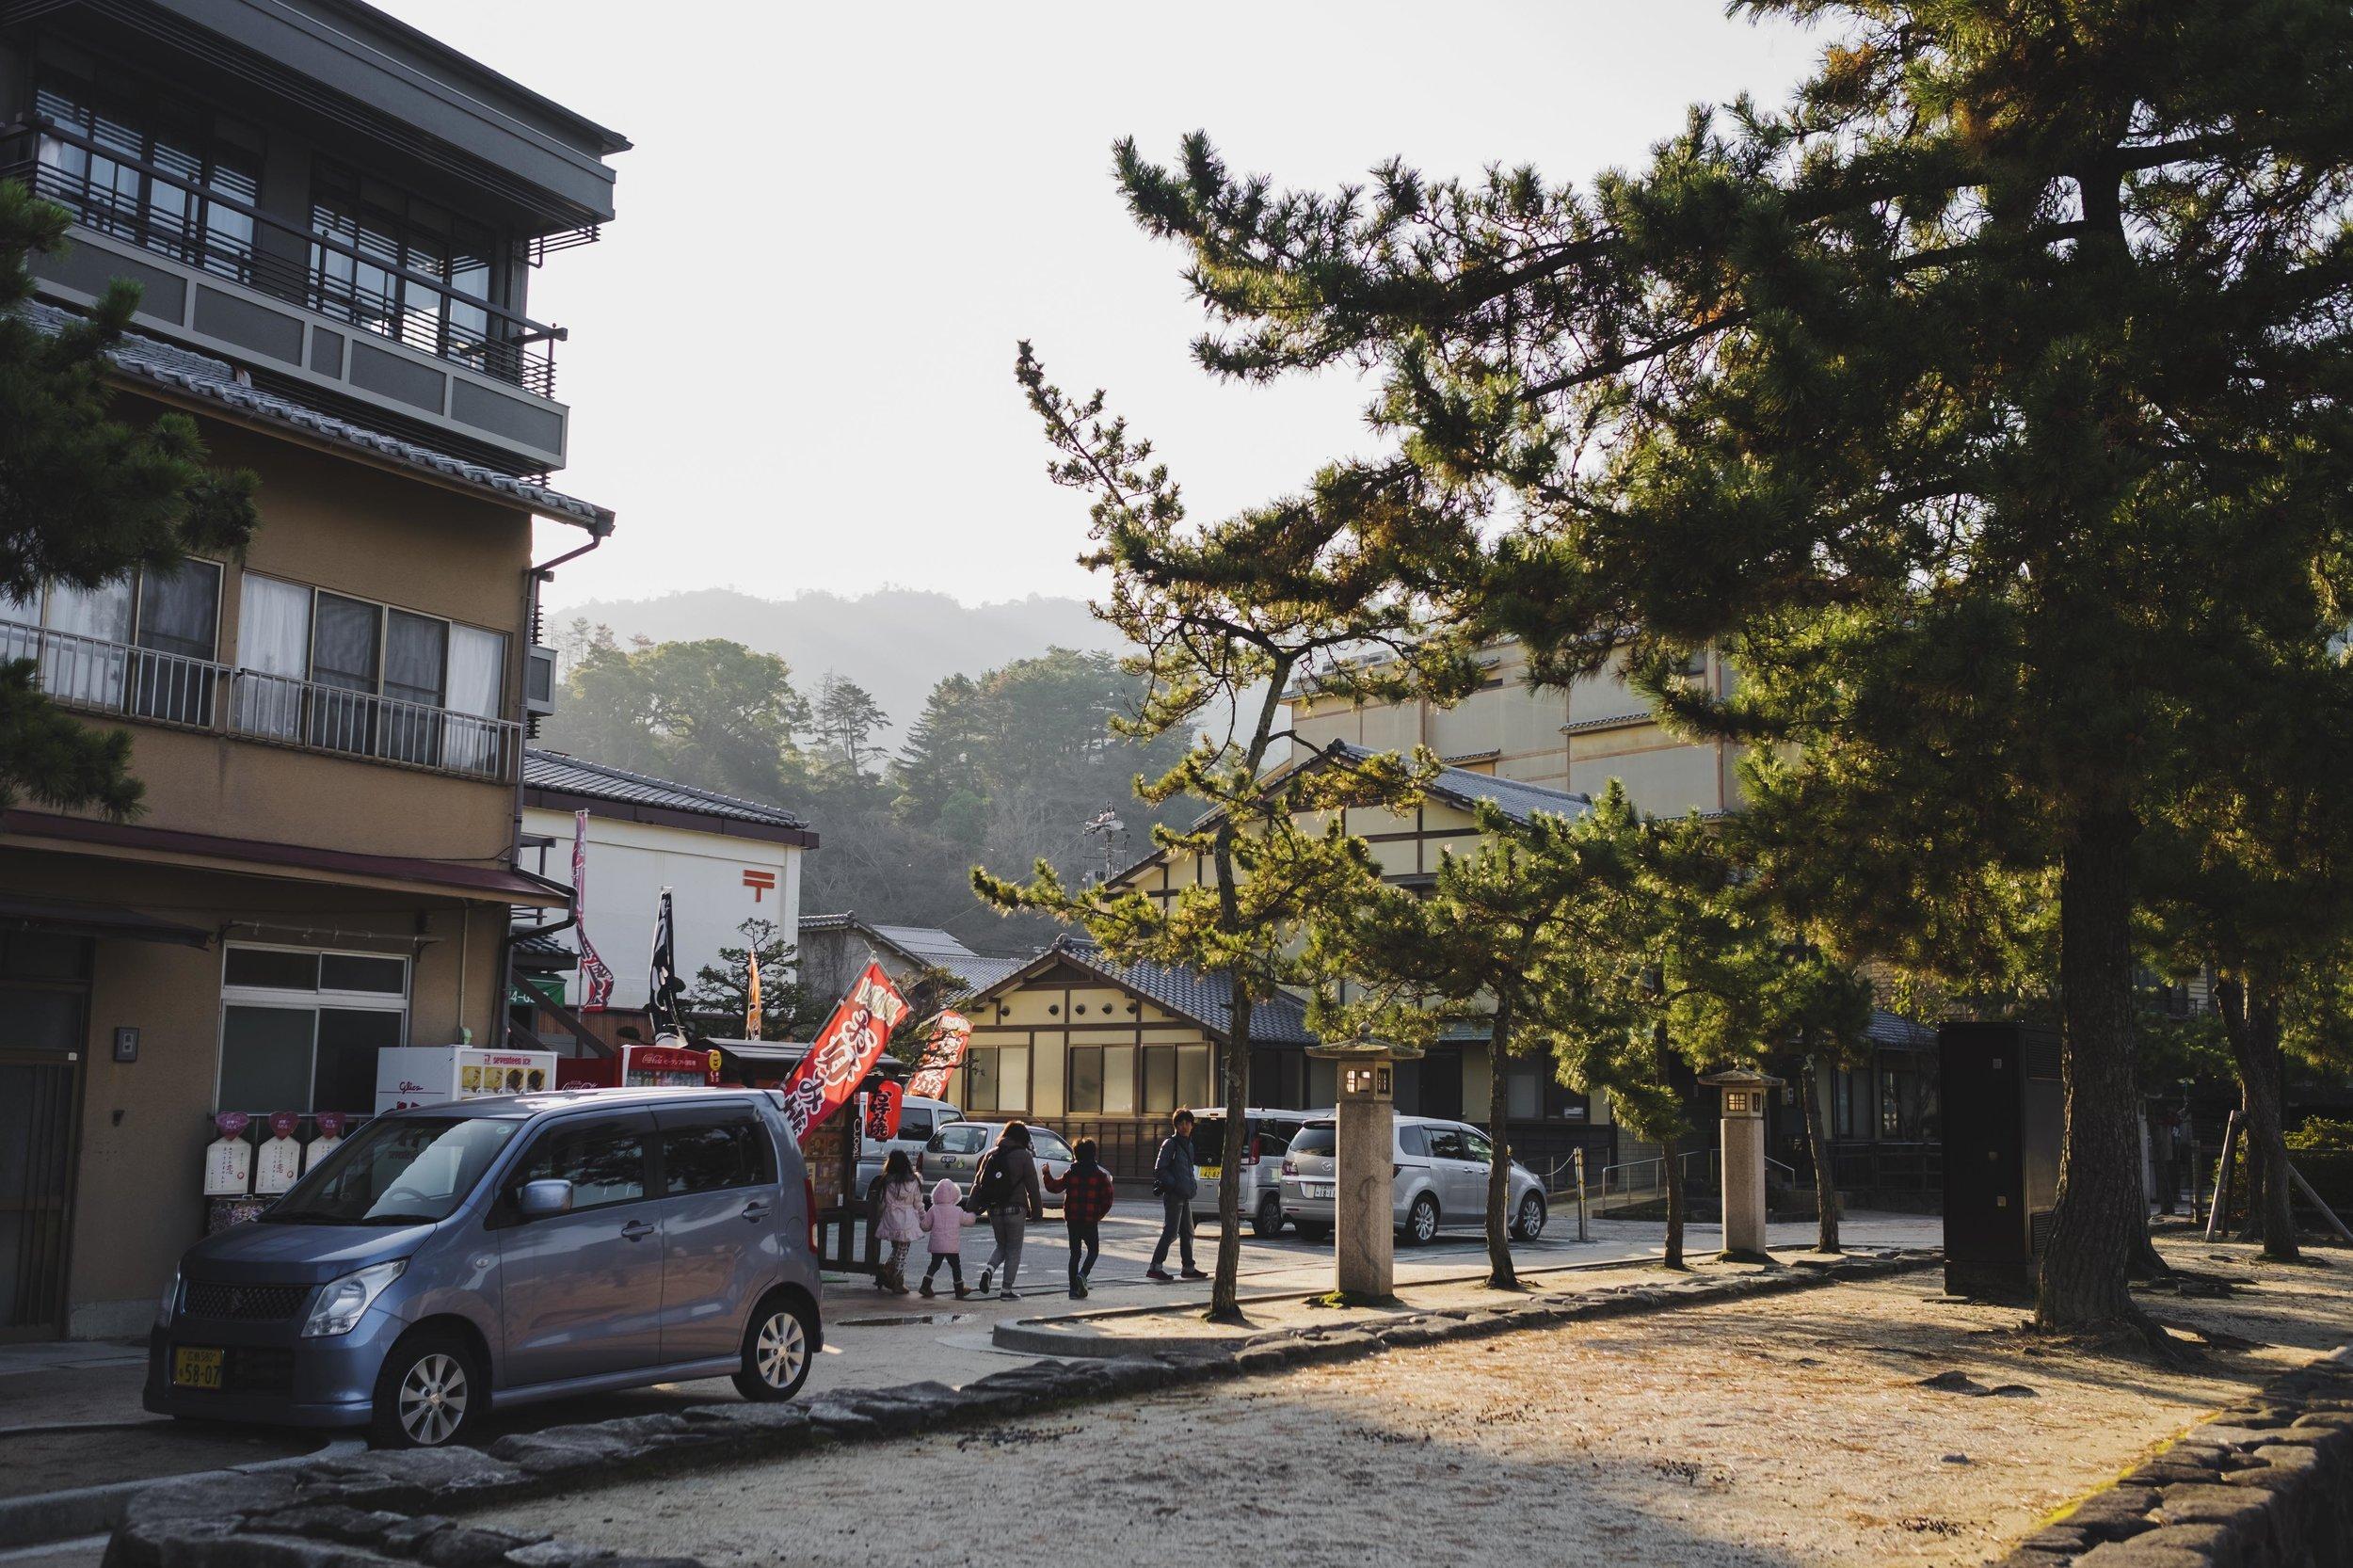 Hiroshima_Japan_Travel_Diary_44.jpg